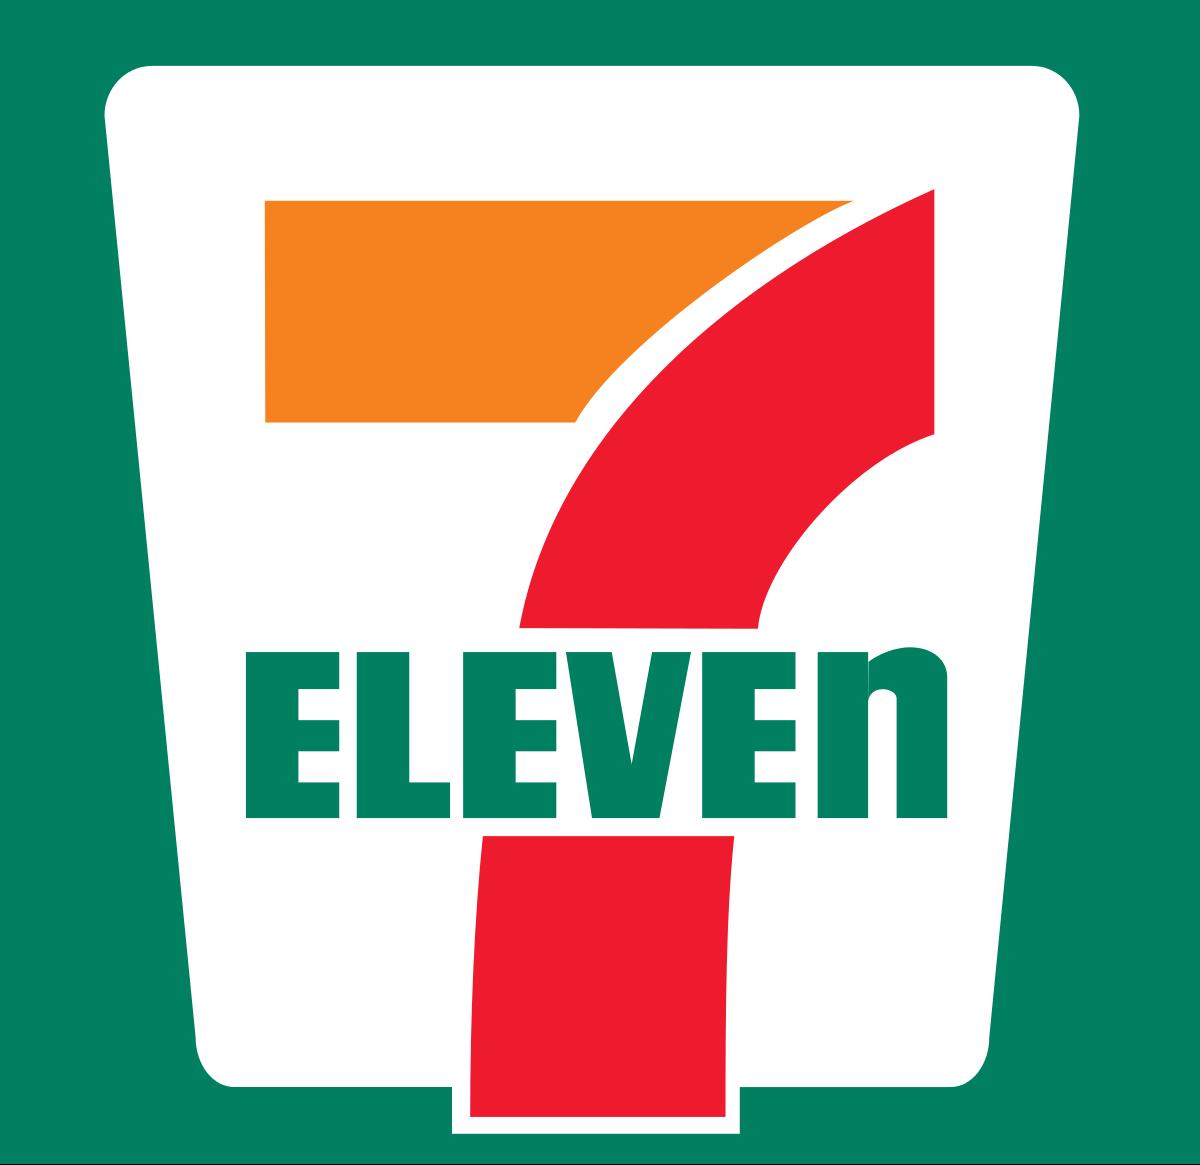 7-eleven-brand.svg